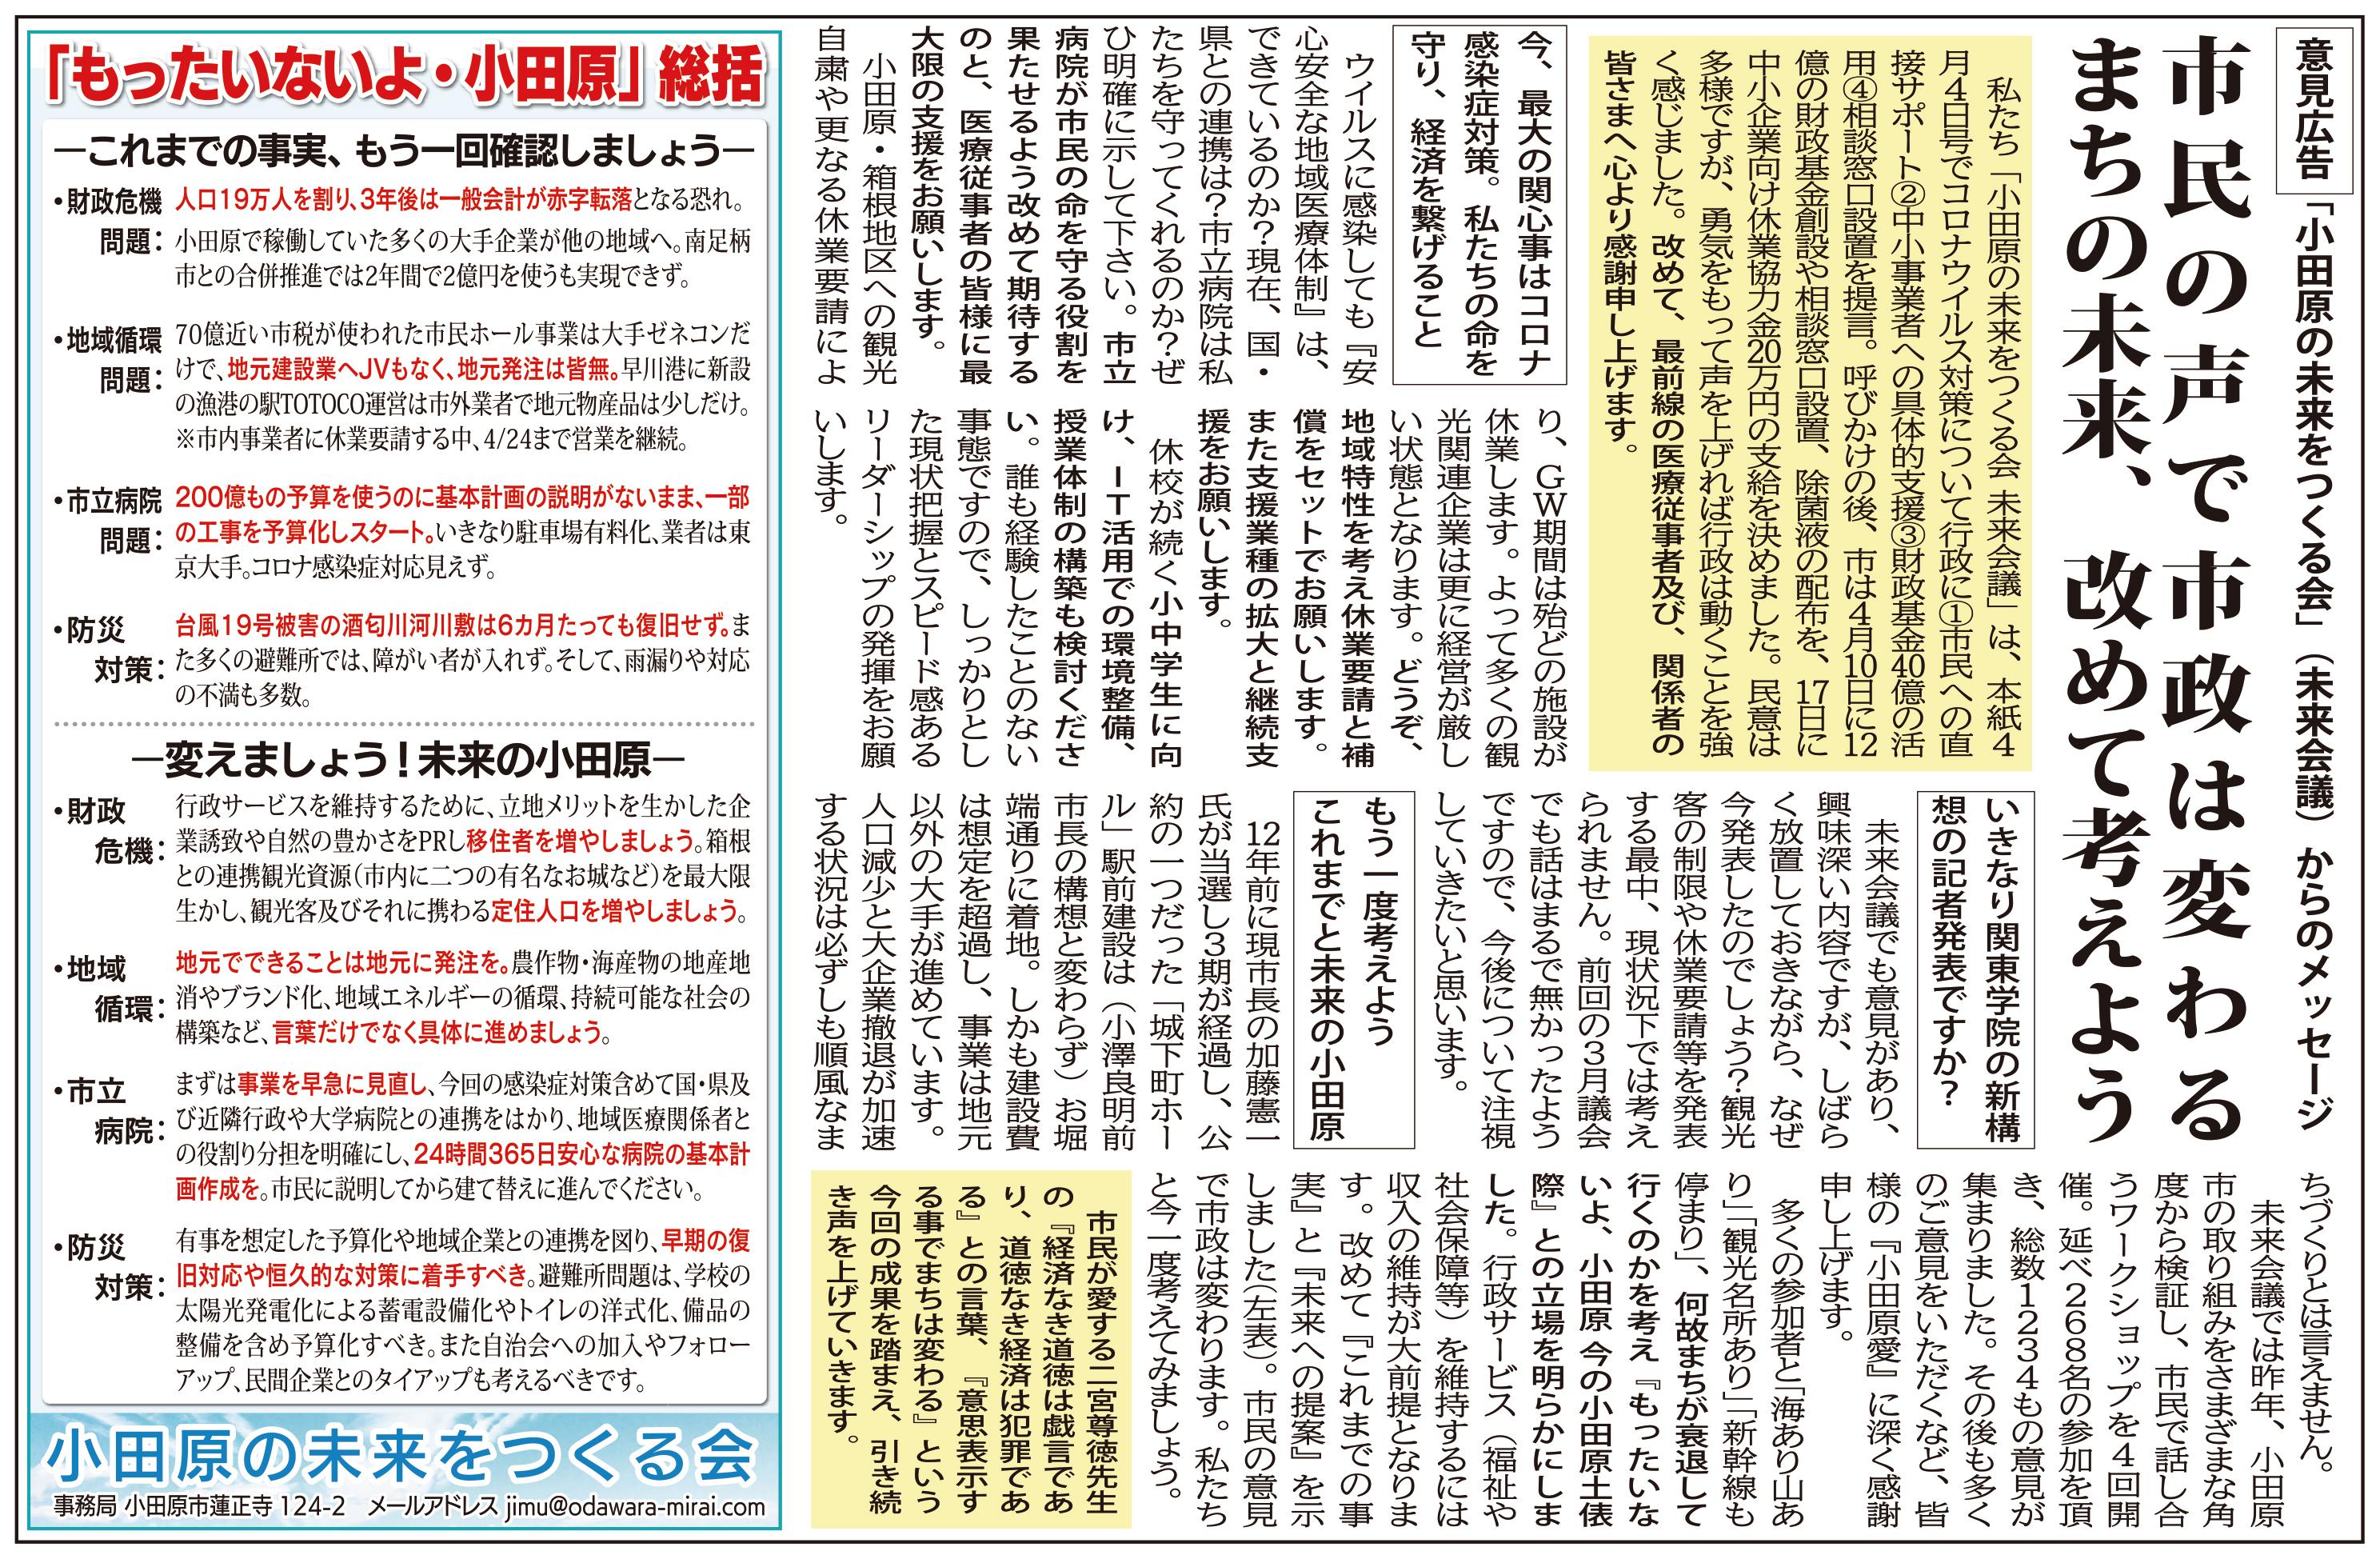 タウンニュース2020年5月2日号